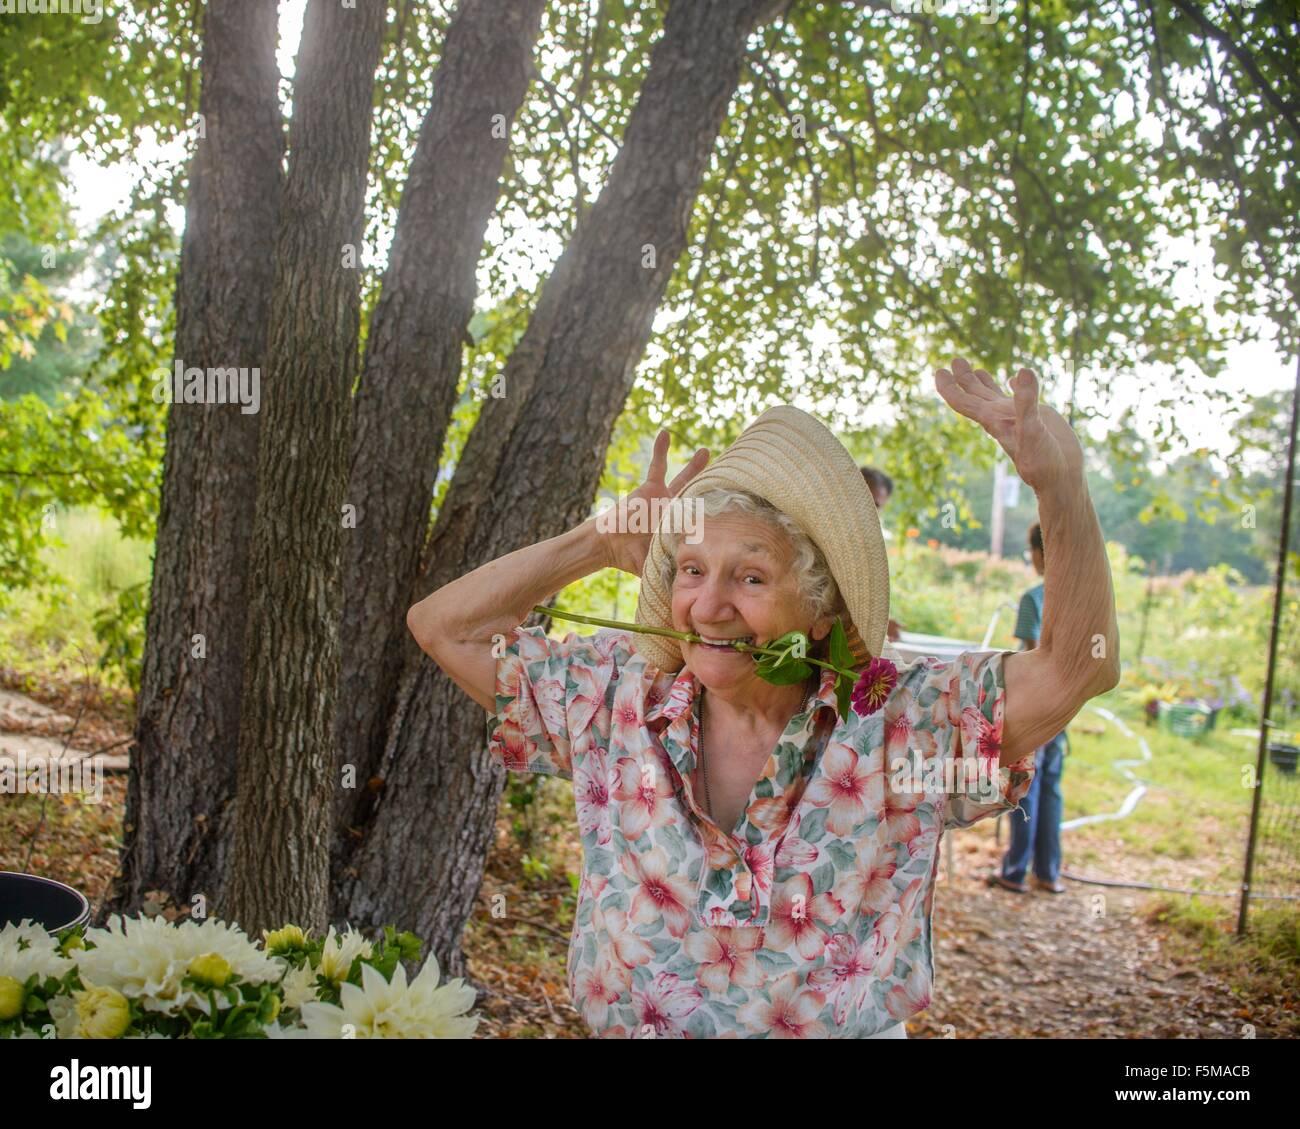 Senior donna con fiore in bocca dancing in agriturismo Immagini Stock